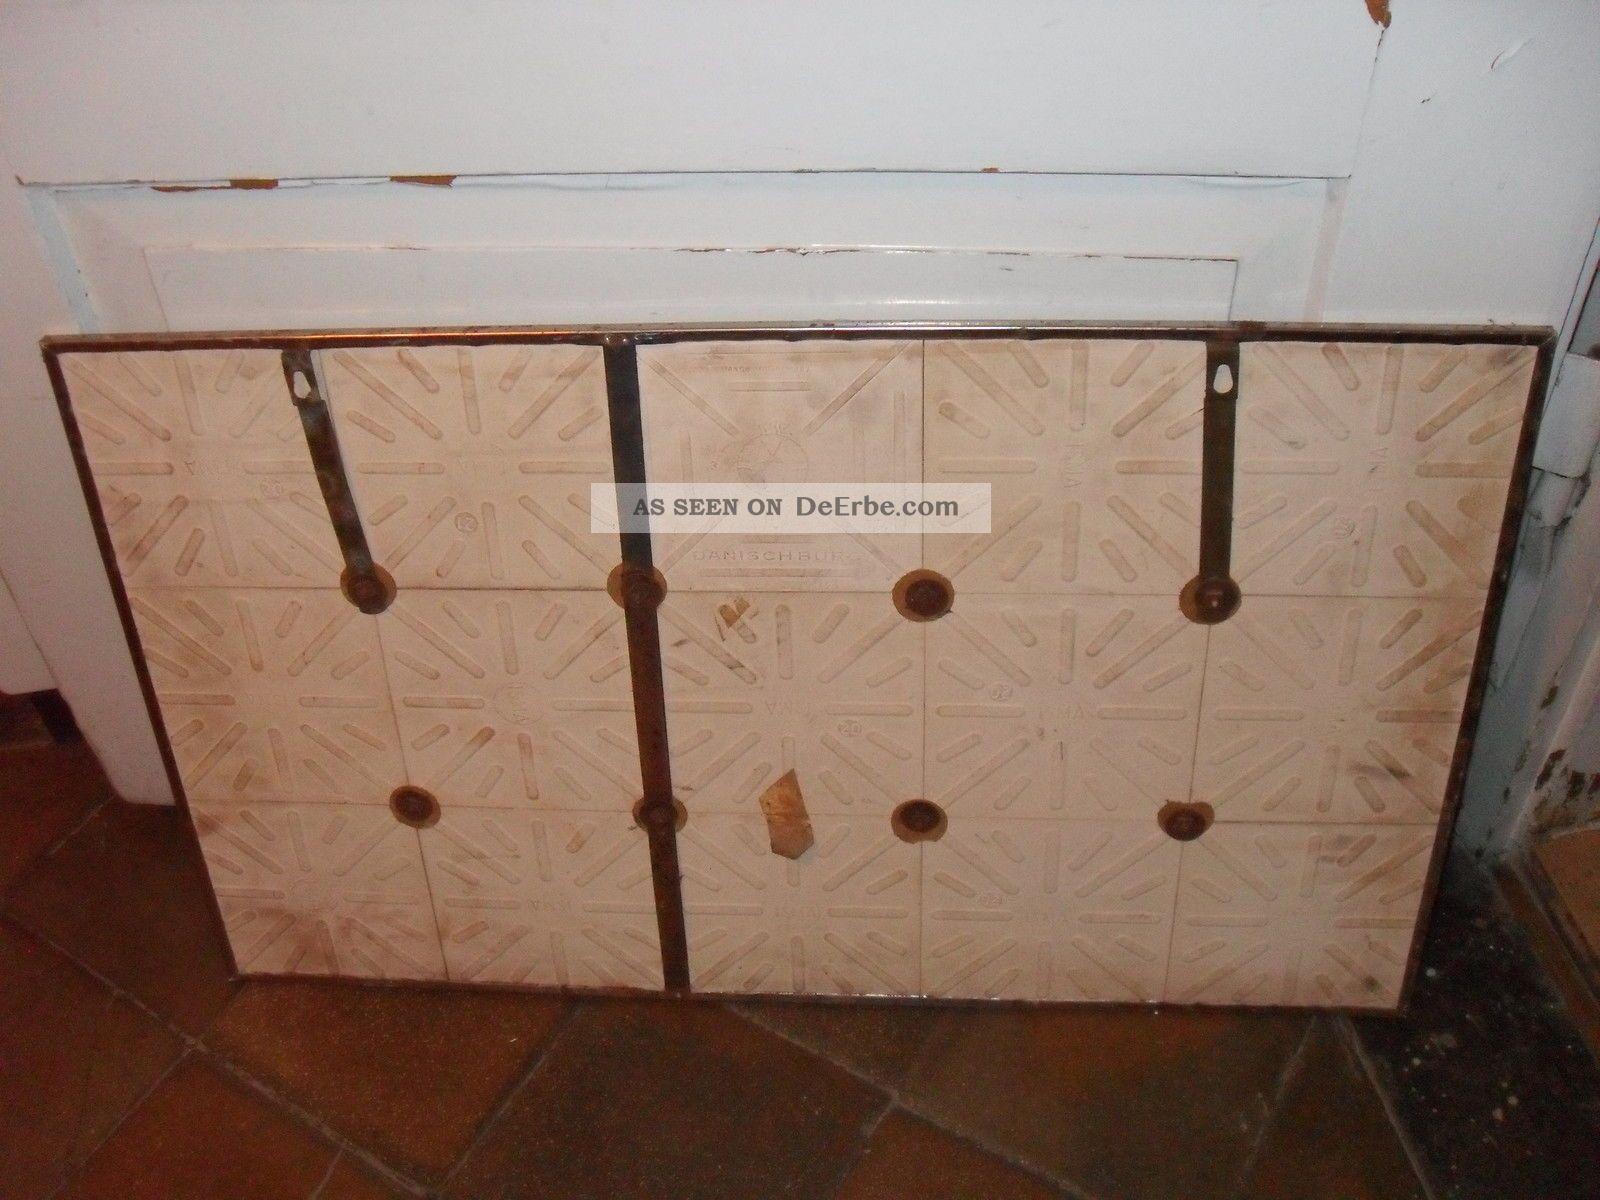 Alter Tuchhalter Hakenleiste Vintage Kachel Handtuchhalter Landhaus Kche